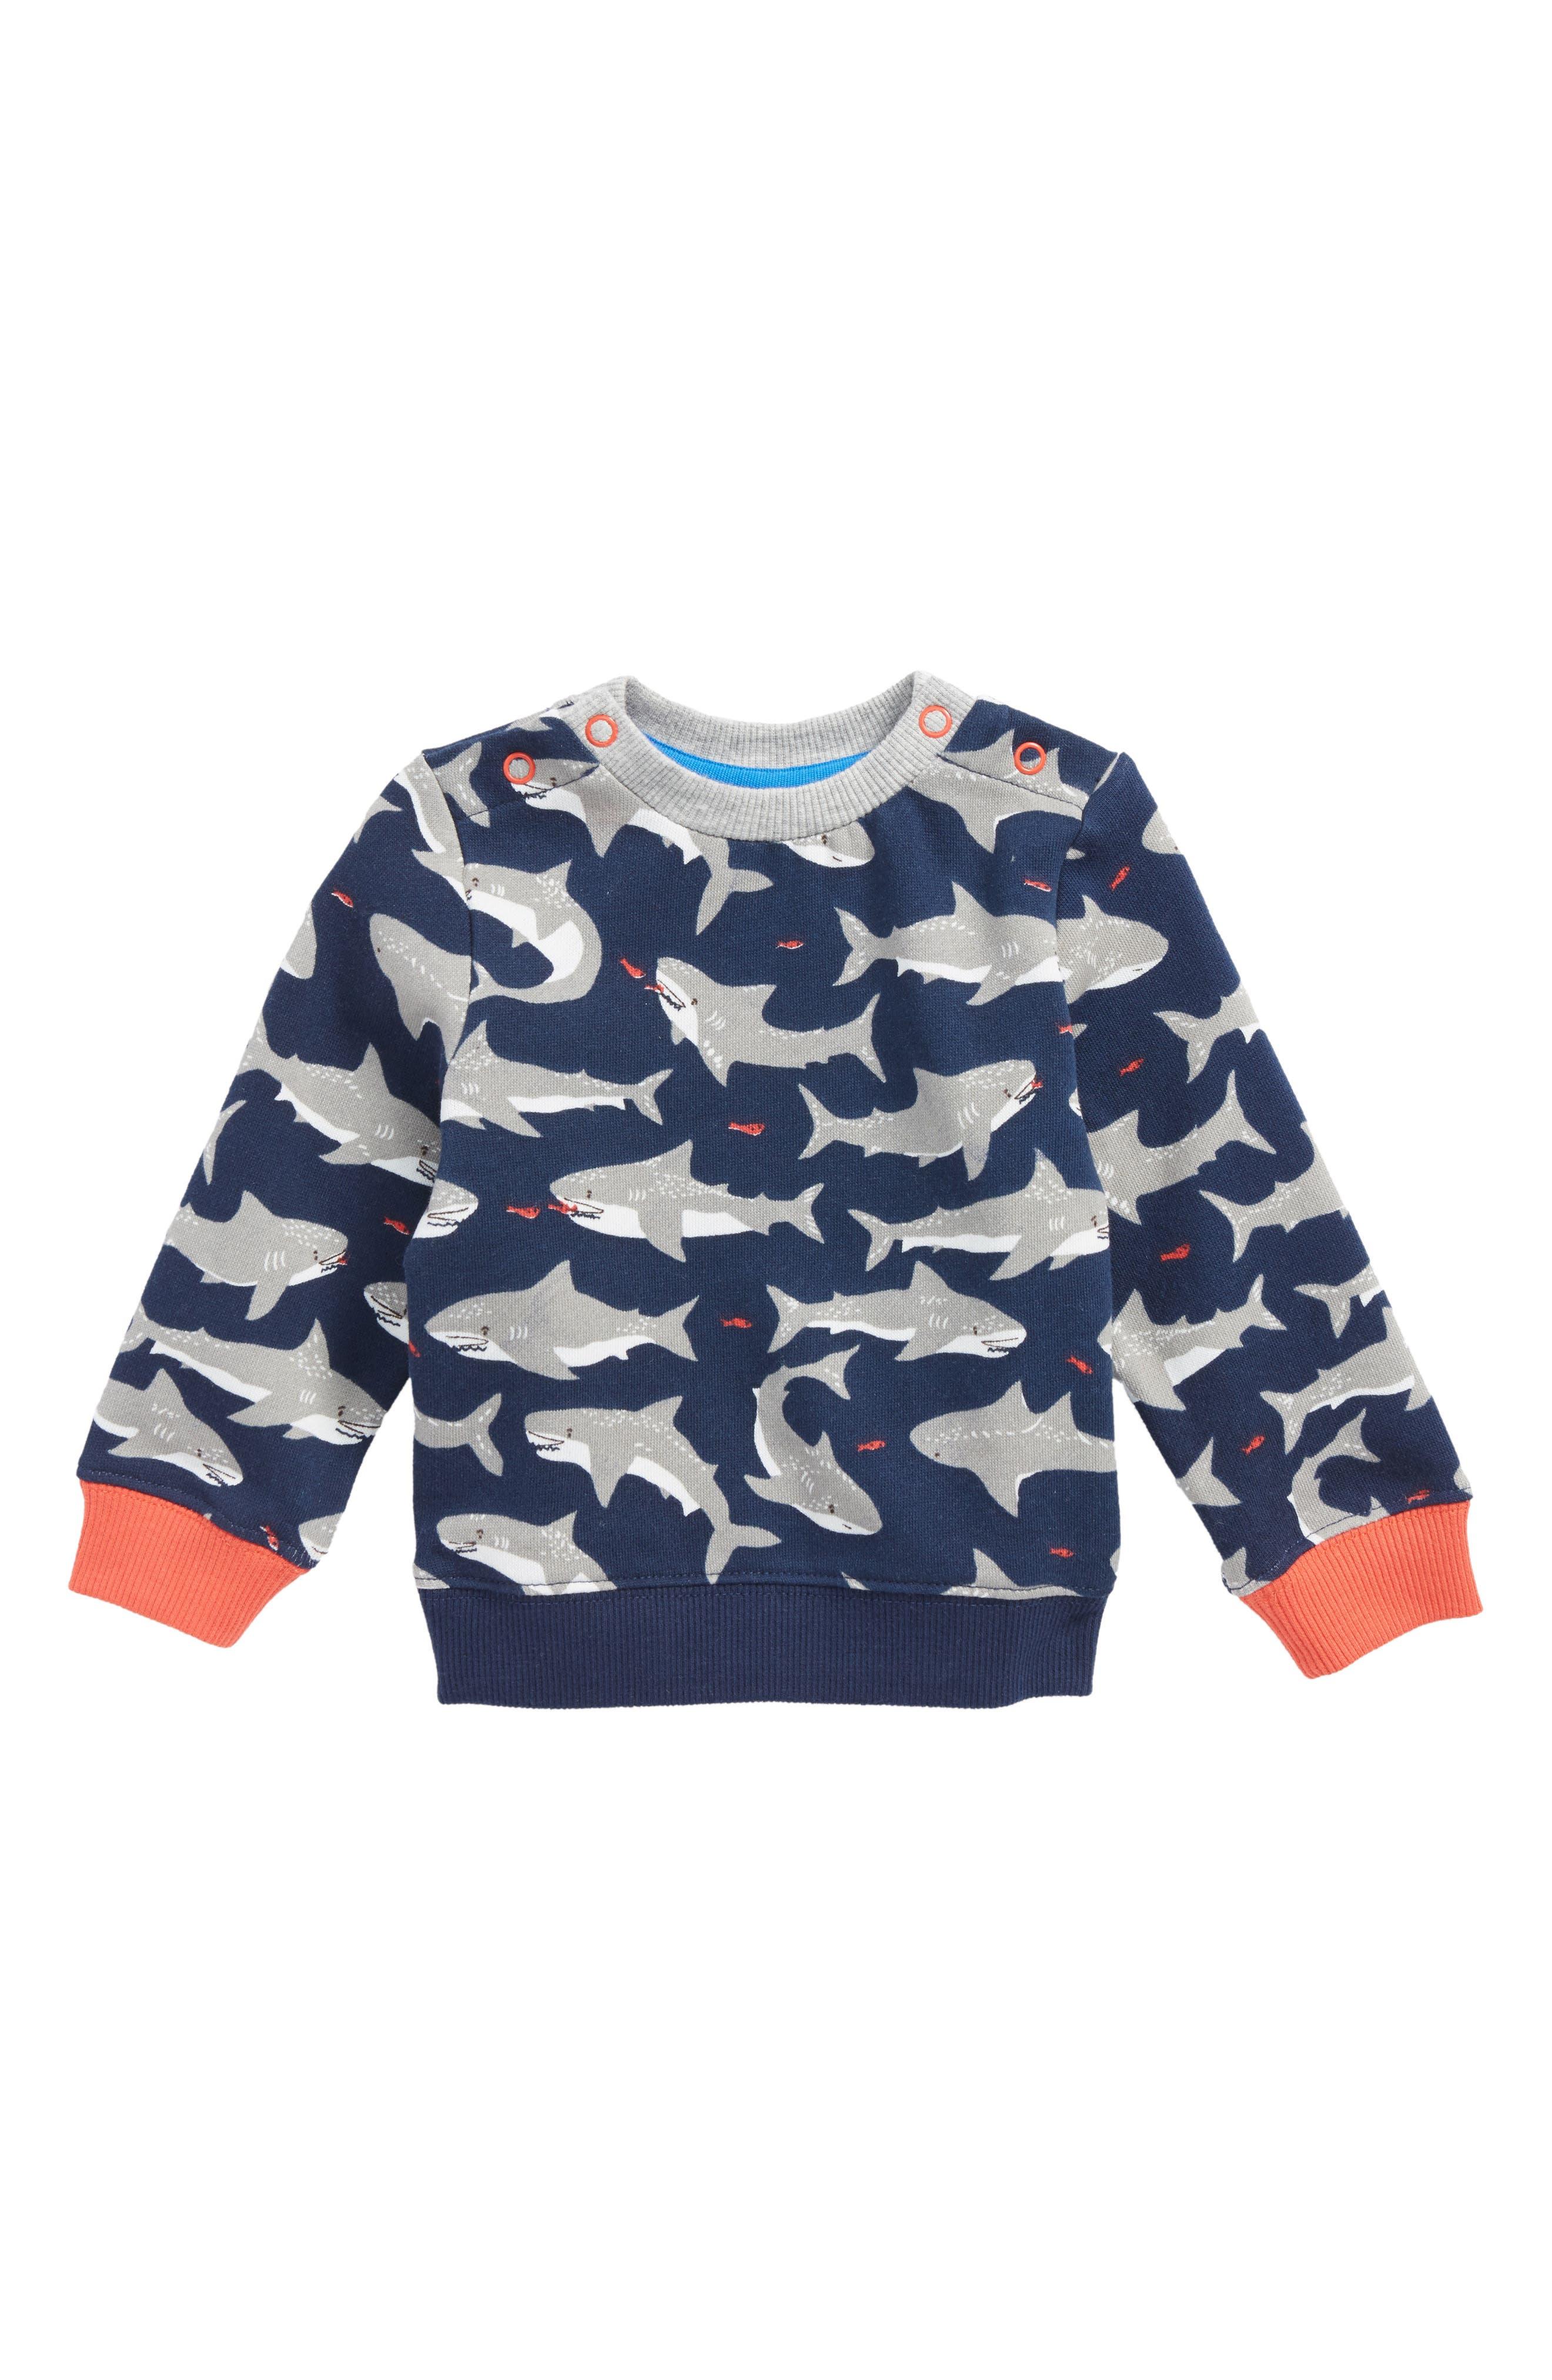 Cozy Shark Sweatshirt,                         Main,                         color, Beacon Blue